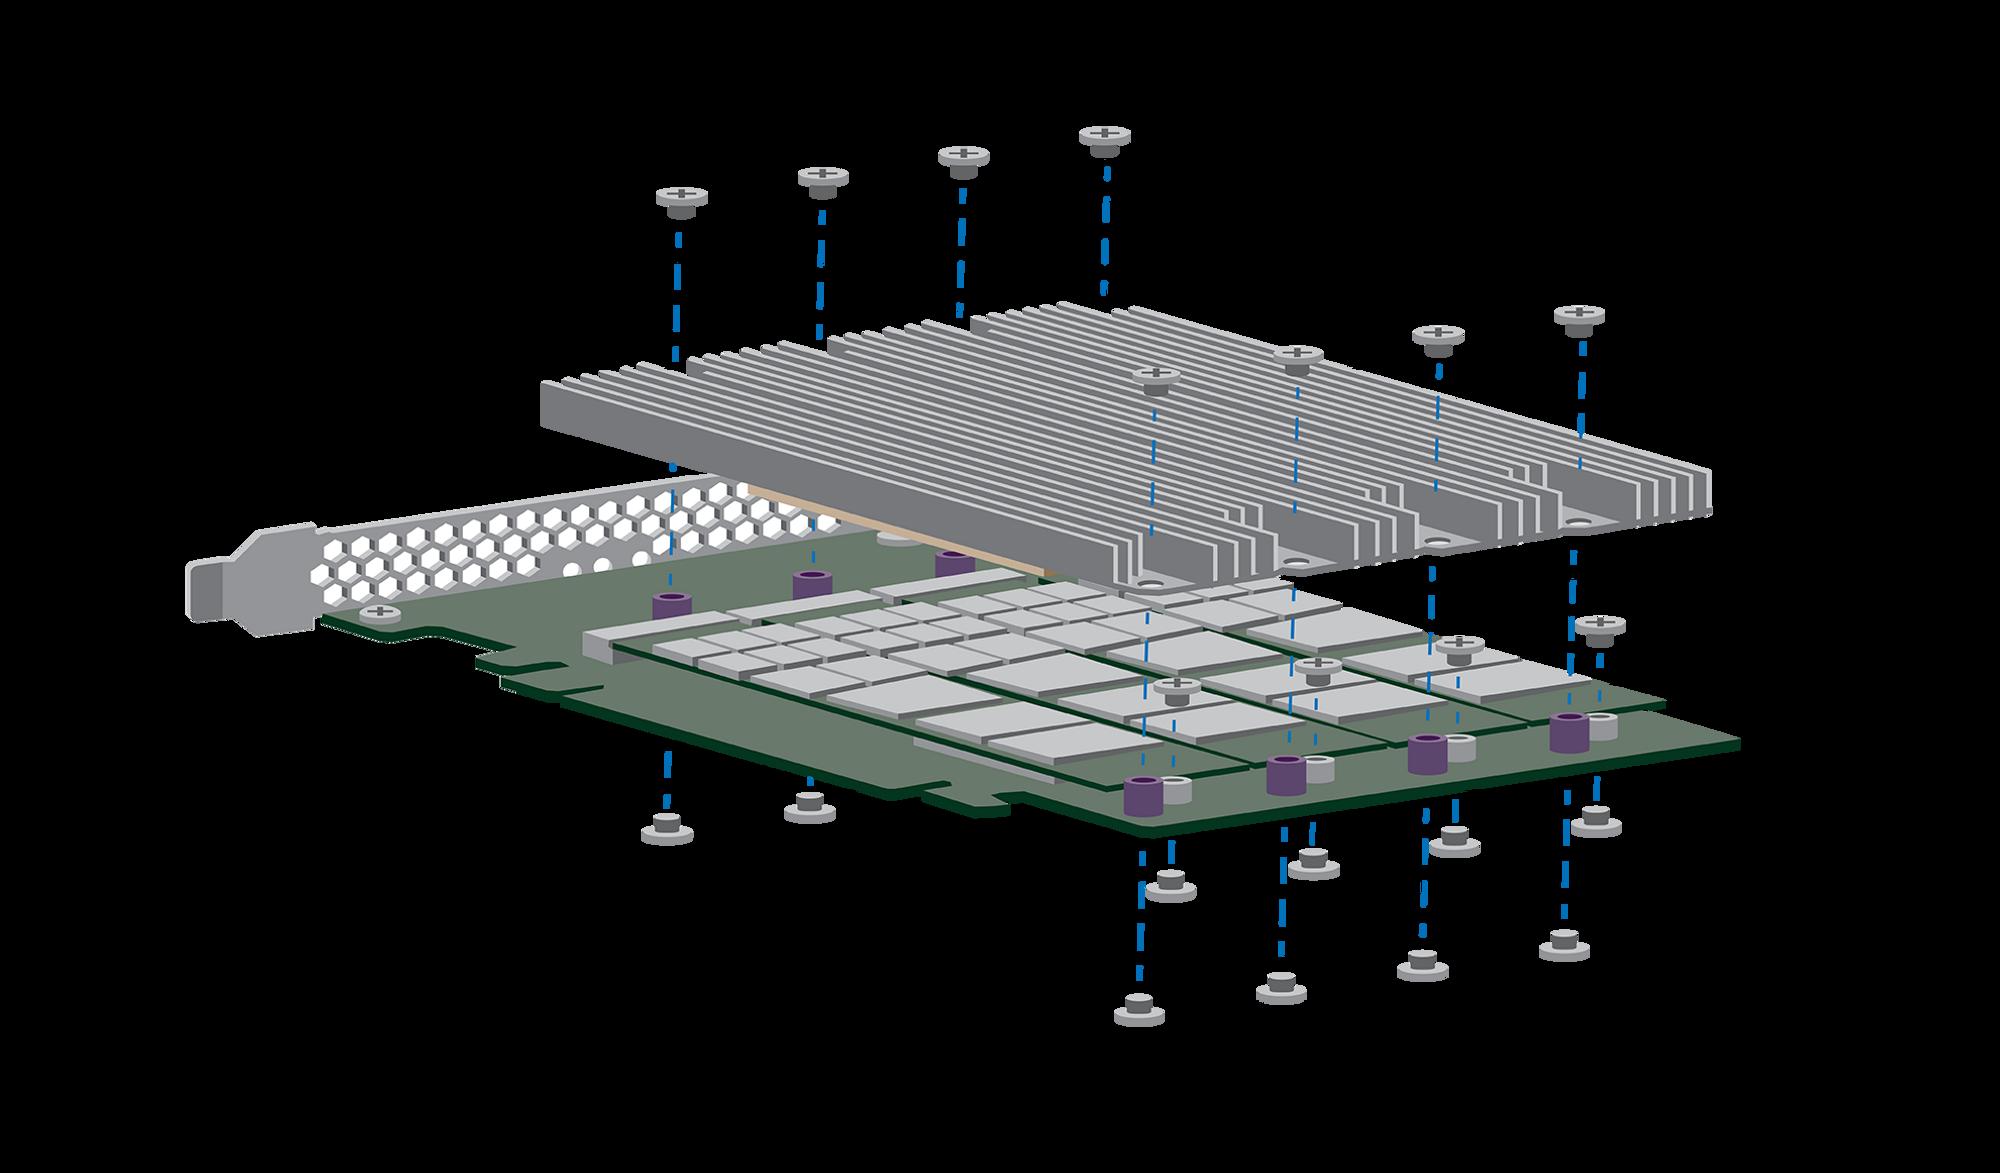 Den nye Nytro-SSD-en slik den ble skissert våren 2016.